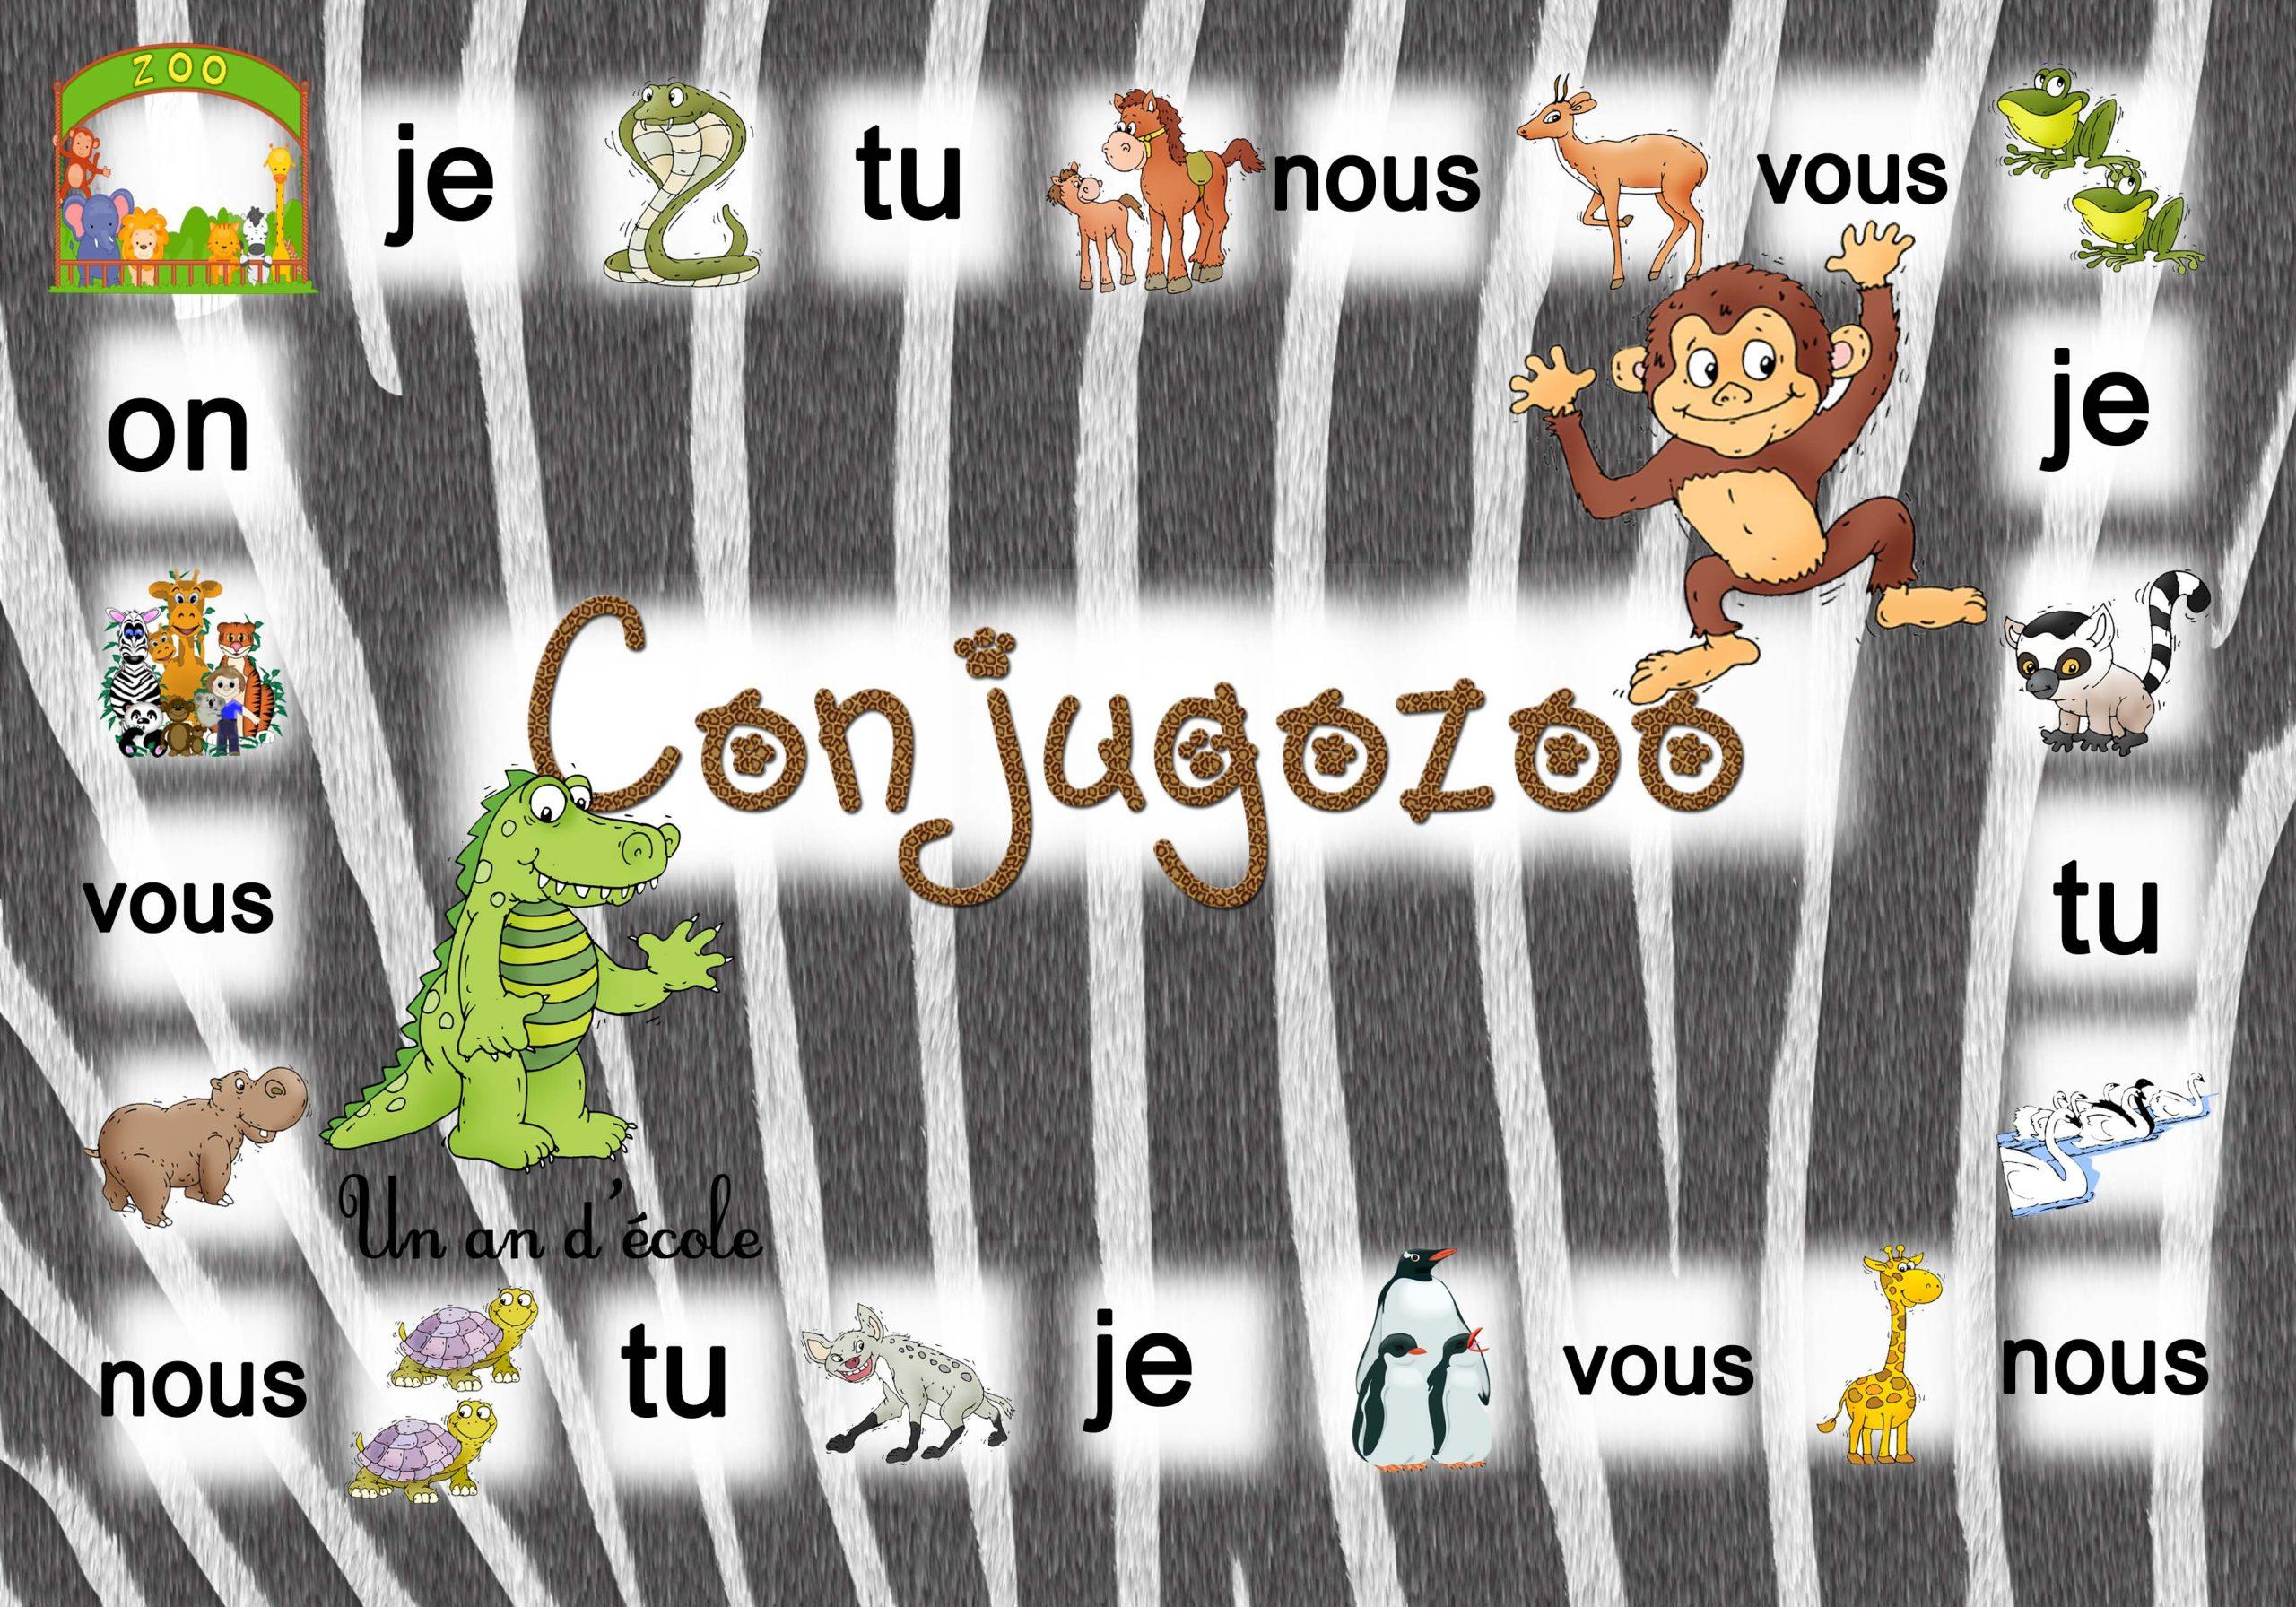 Conjugozoo : Jeu Pour Conjuguer Du Ce1 Au Cm2 En Passant Par encequiconcerne Jeu Educatif Ce2 Gratuit